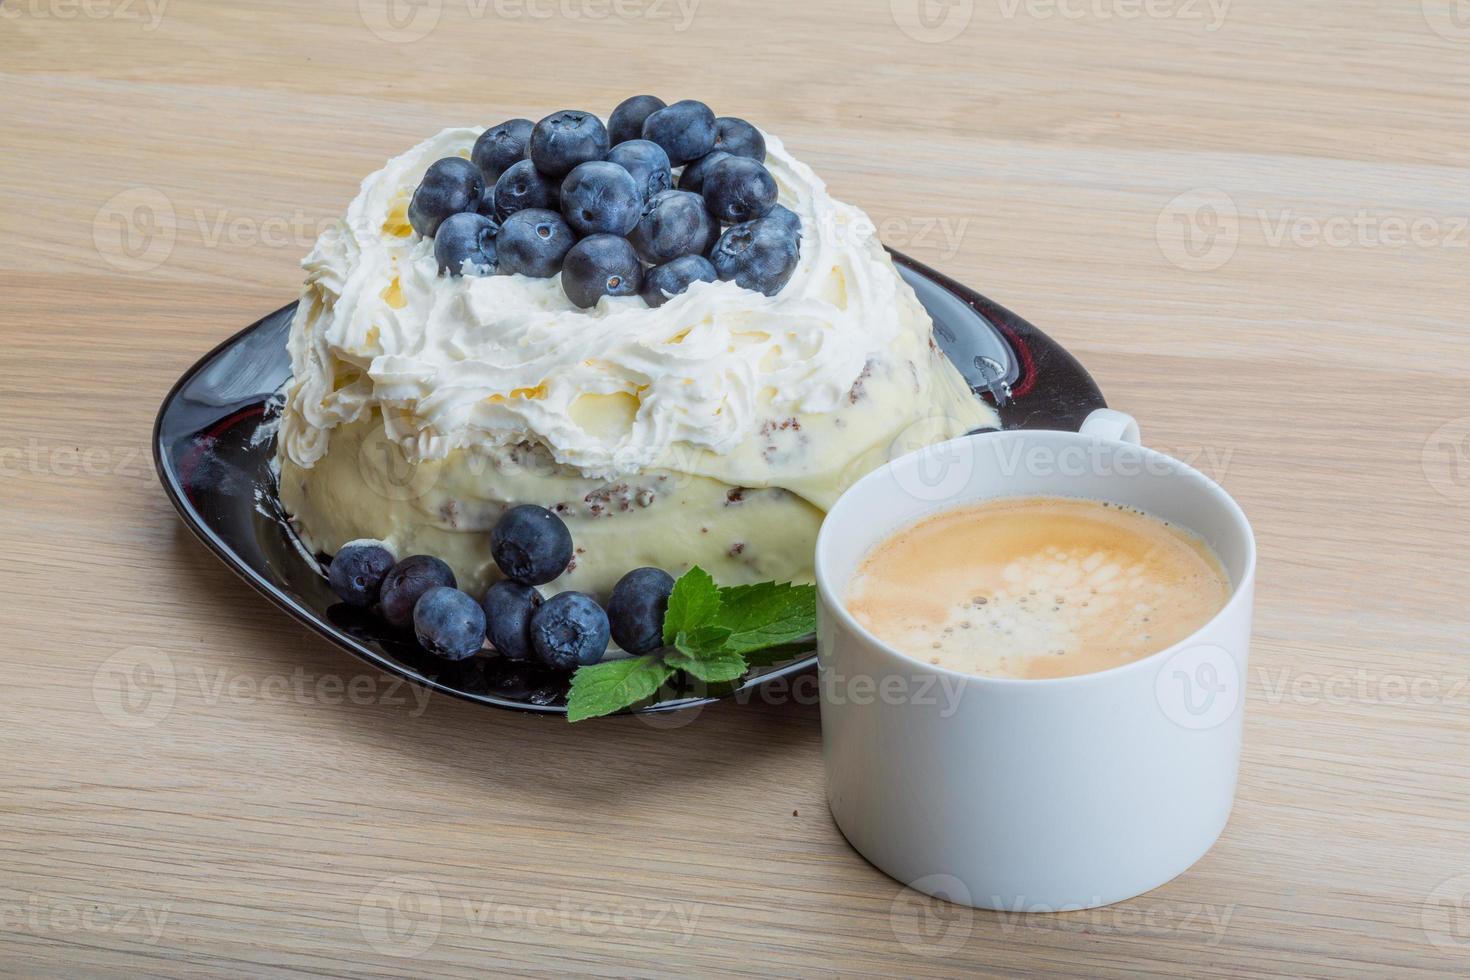 kaffe med blåbärstårta foto